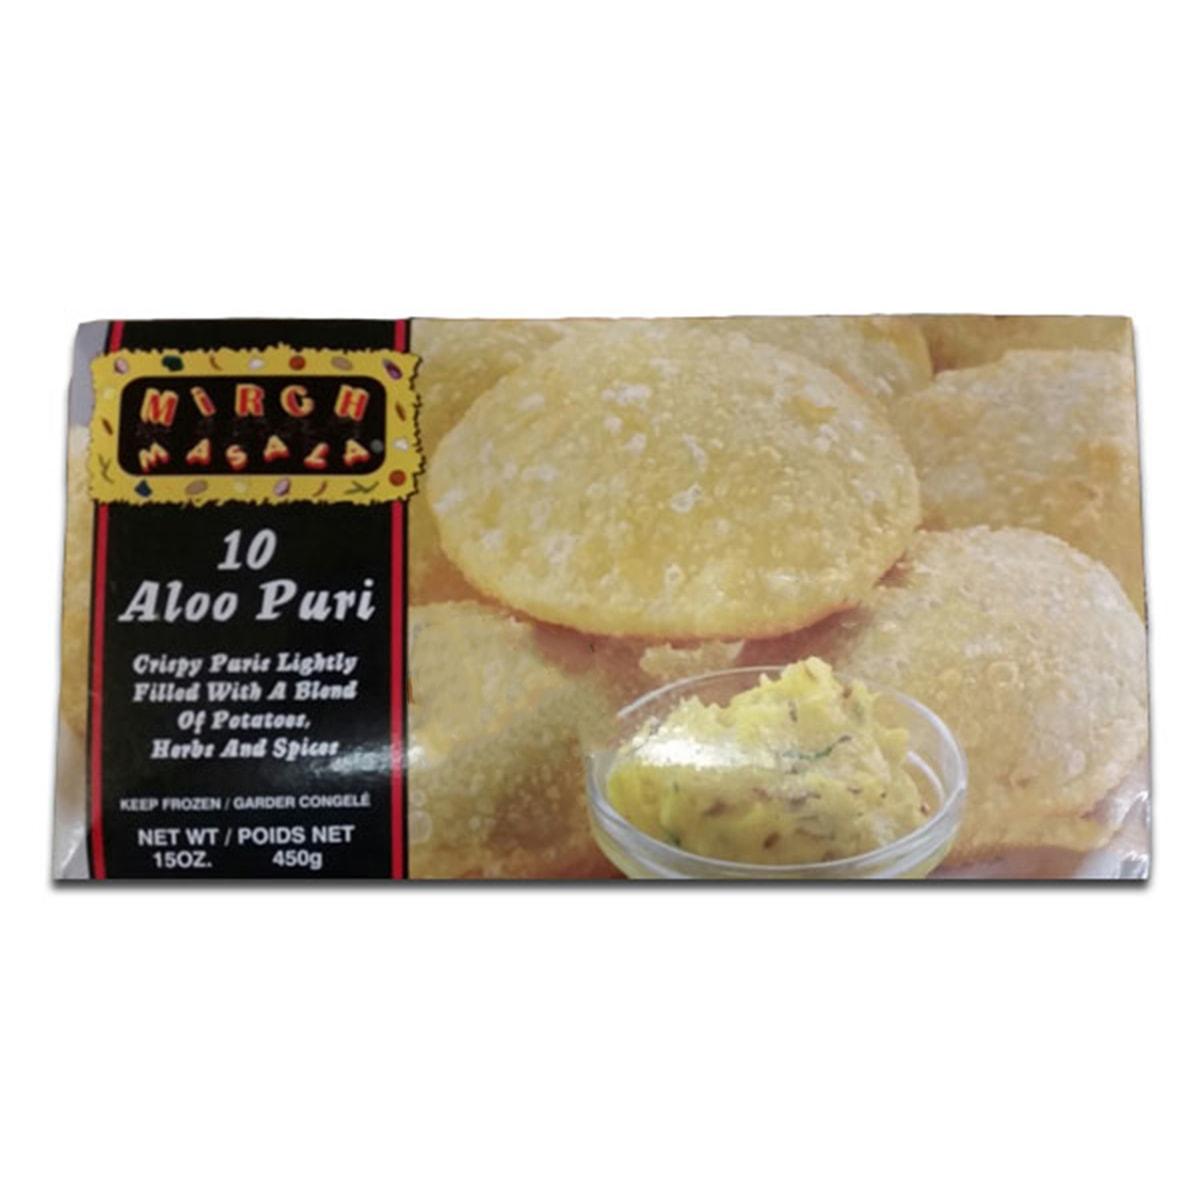 Buy Deep Foods Mirch Masala Aloo Puri 10 Pcs (Frozen) - 450 gm